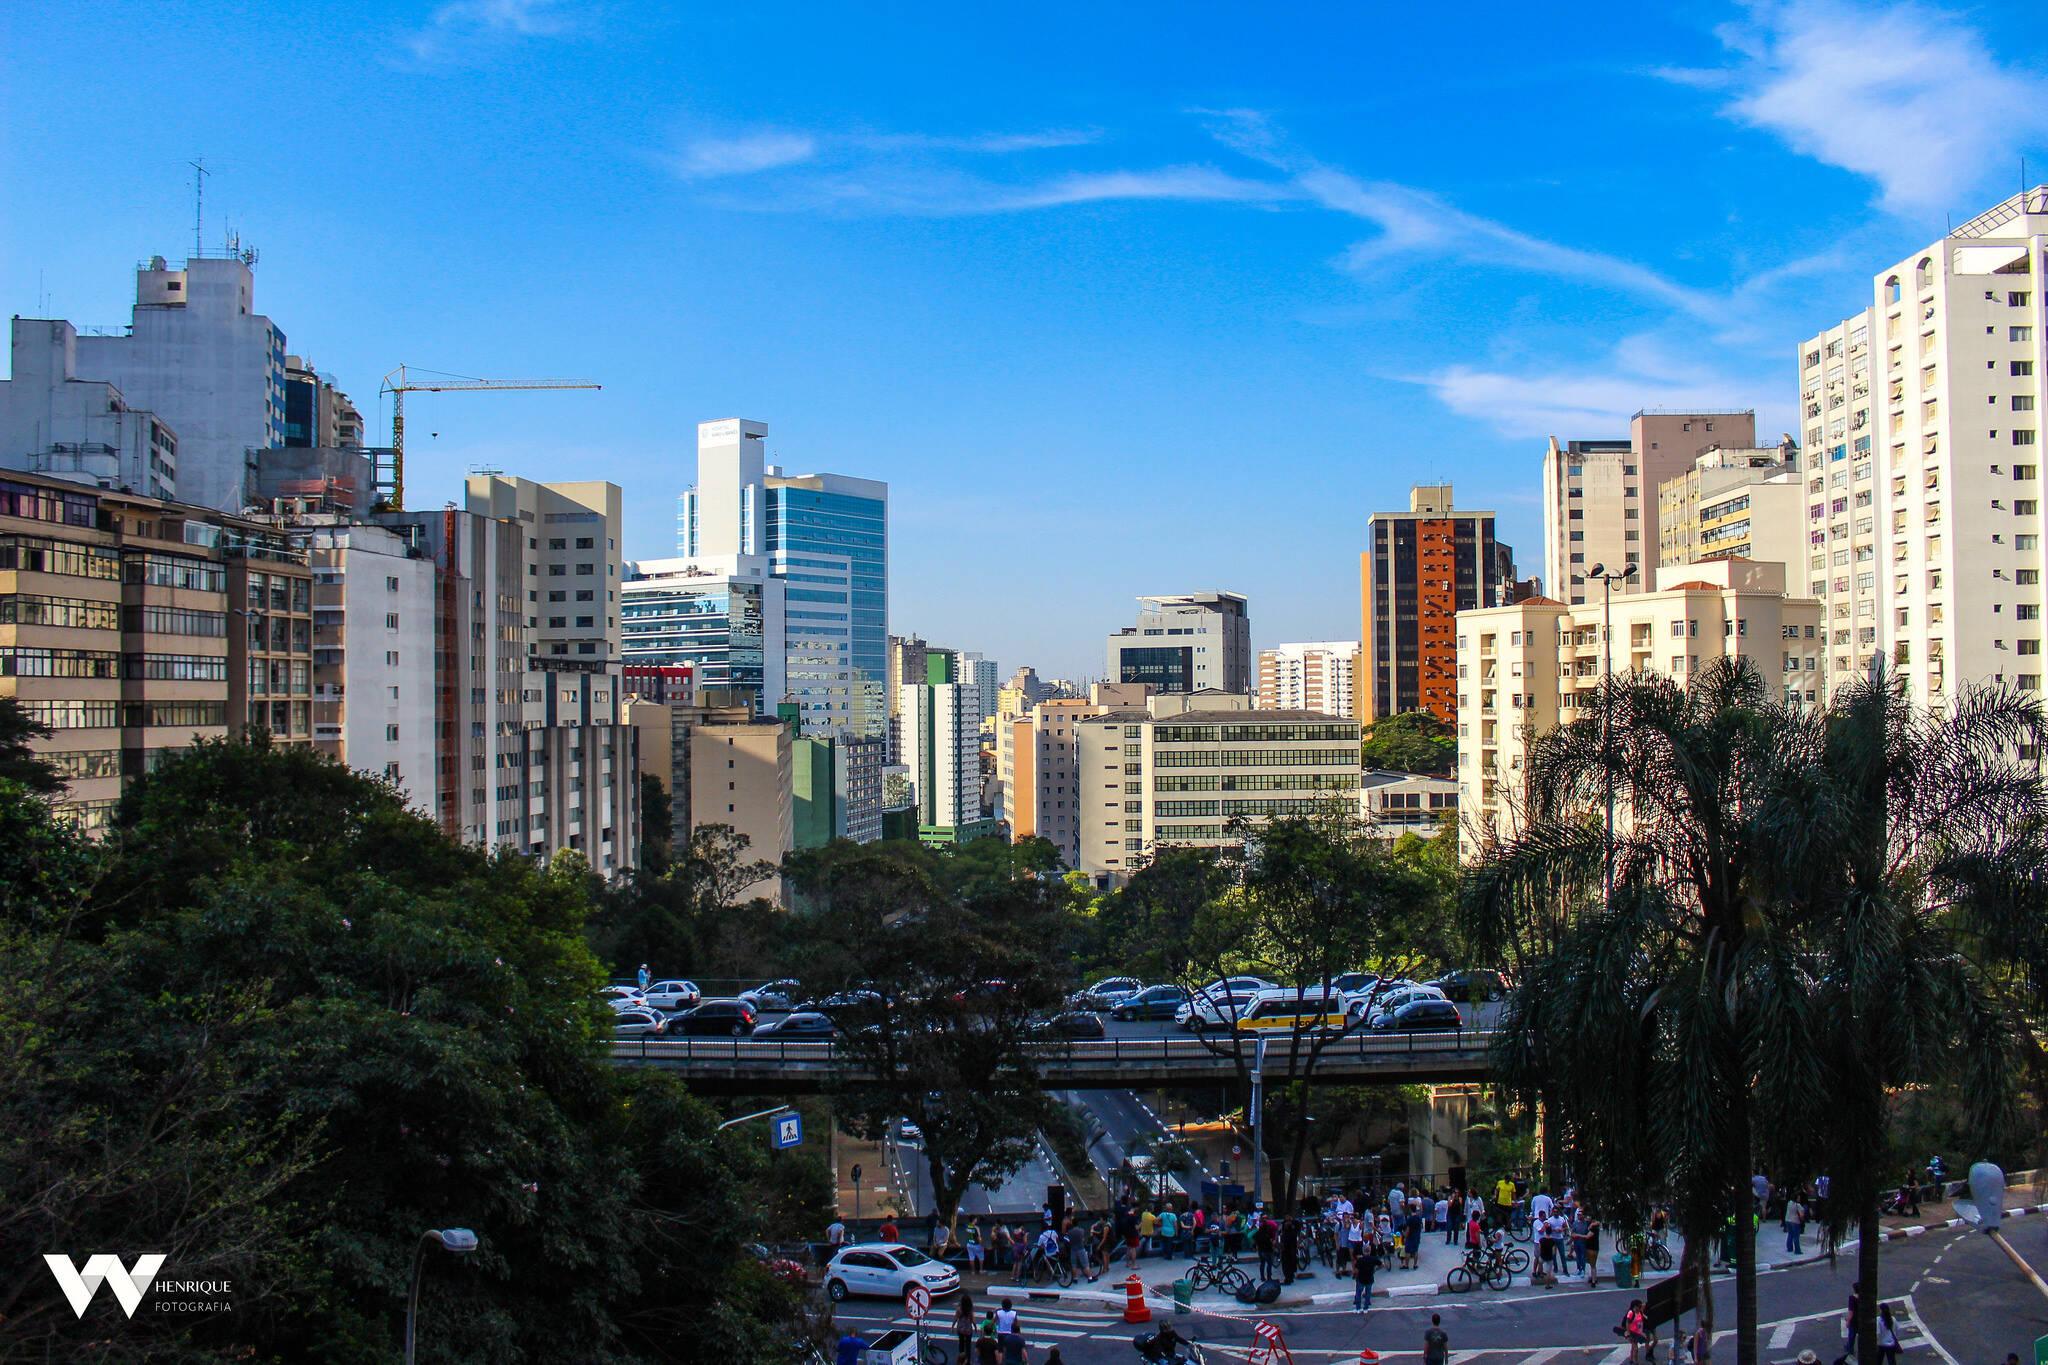 O Mirante do Masp, ou vão livre do Masp, proporciona uma das mais belas vistas de São Paulo. Foto: Reprodução/Flickr/Wadson Henrique Ferreira